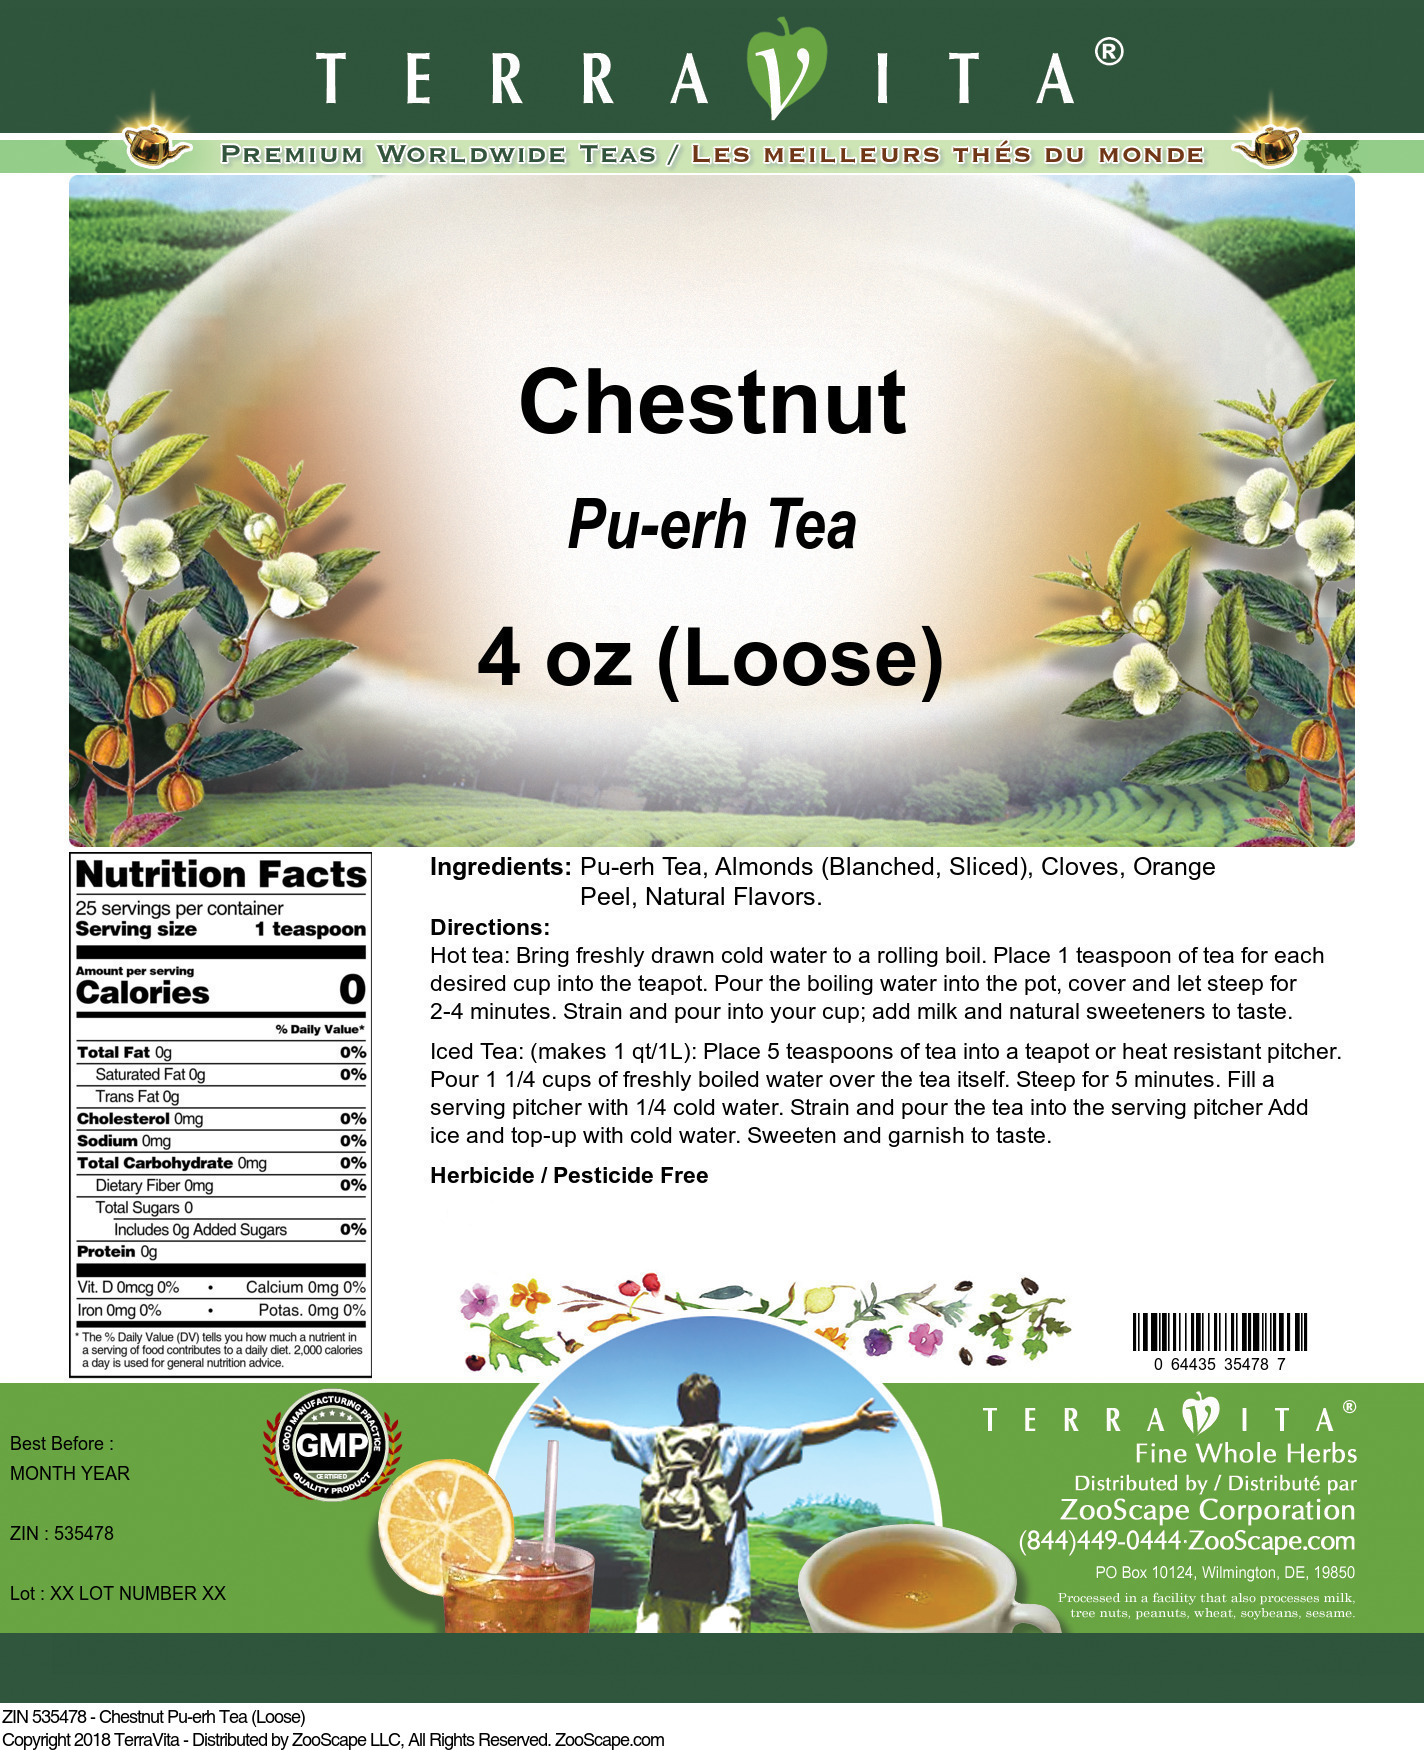 Chestnut Pu-erh Tea (Loose)